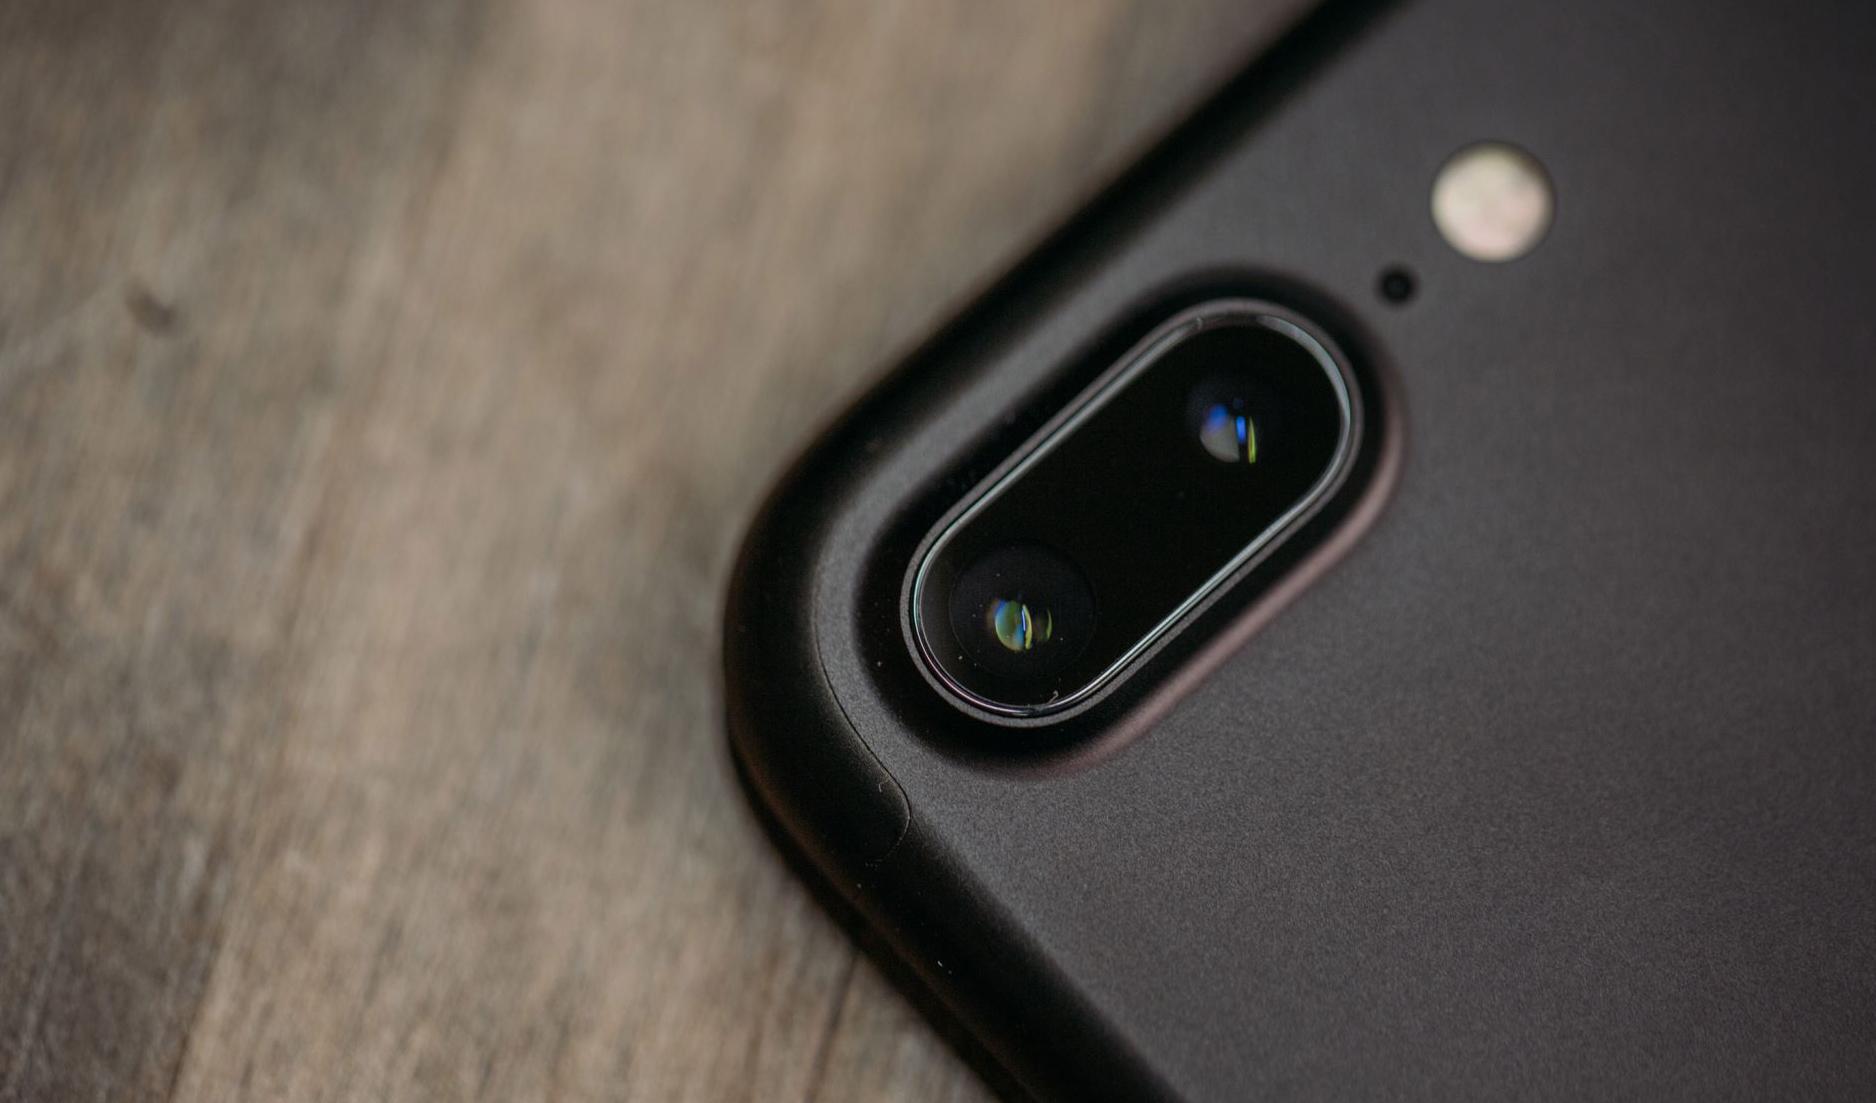 iphone 8 - Tất tần tật thông tin iPhone 8, iPhone 8 Plus và iPhone X trước ngày ra mắt